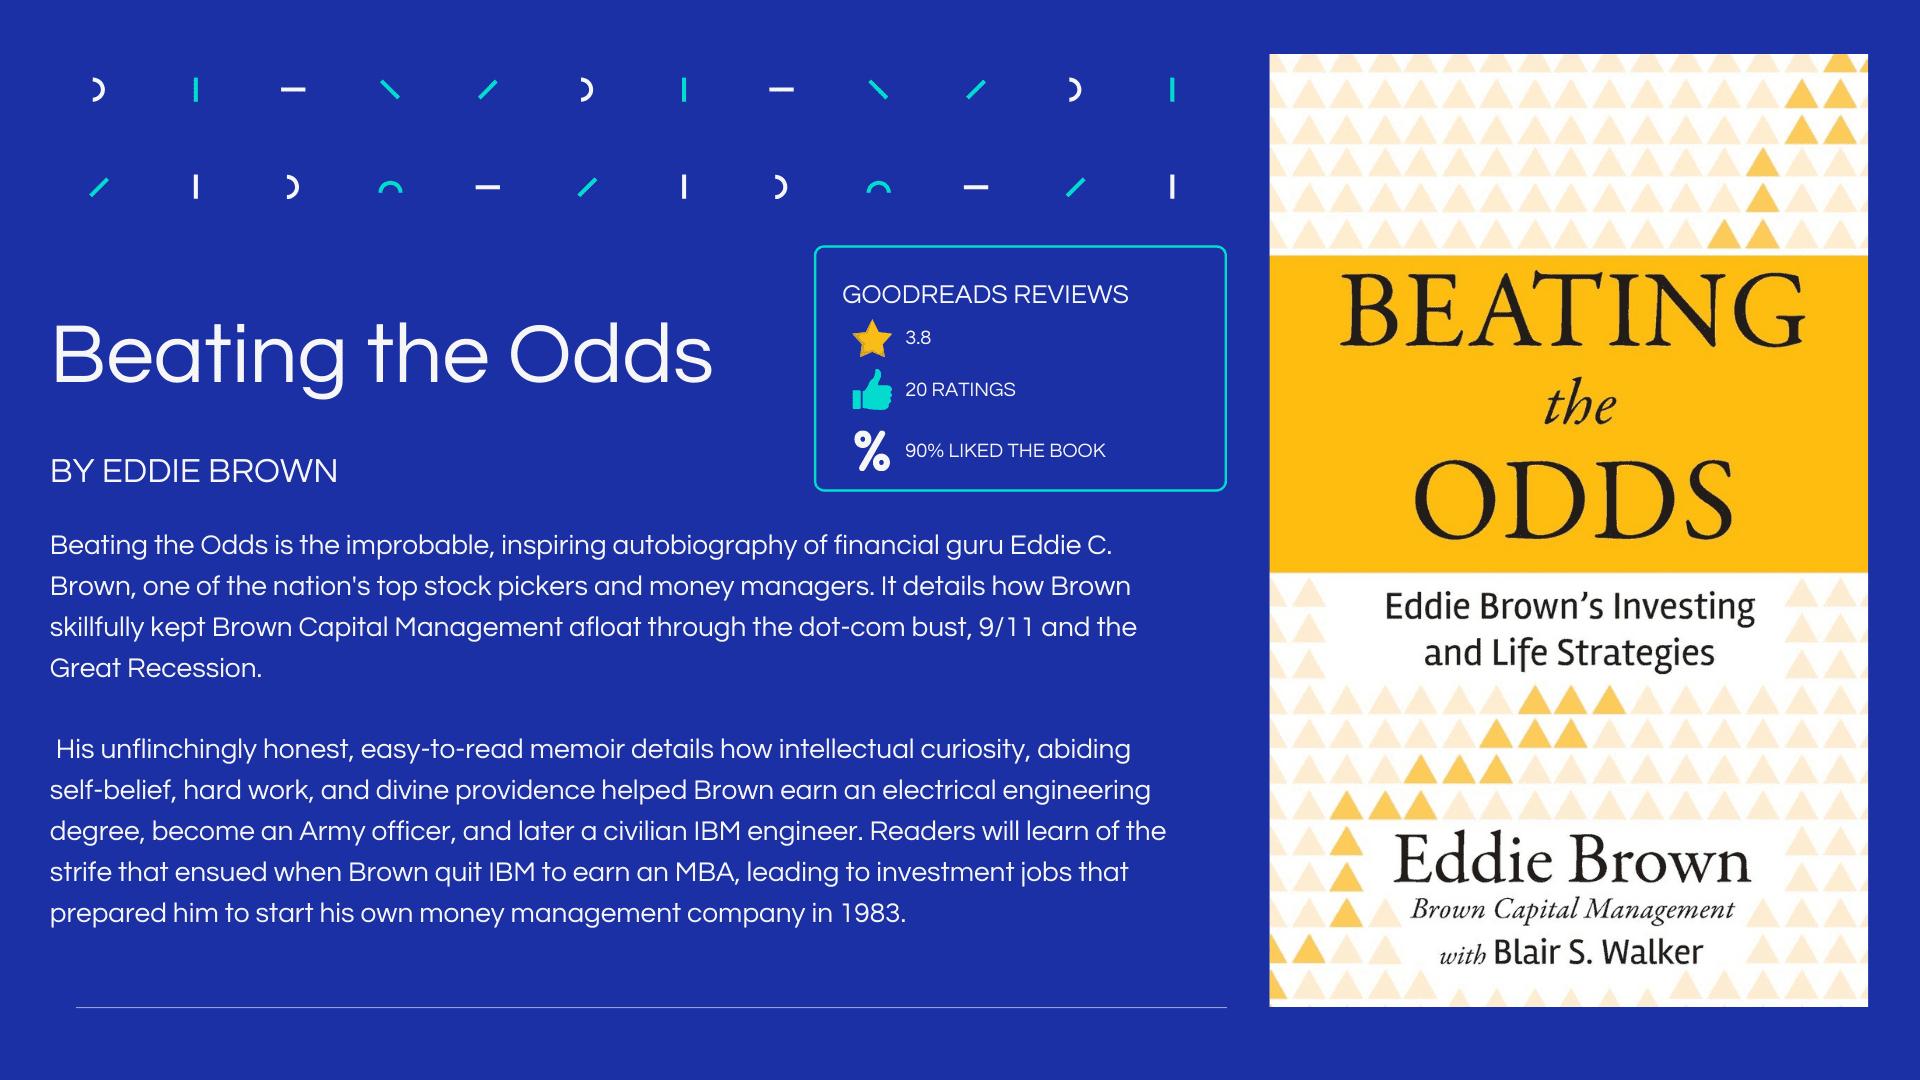 Beating the Odds by Eddie Brown